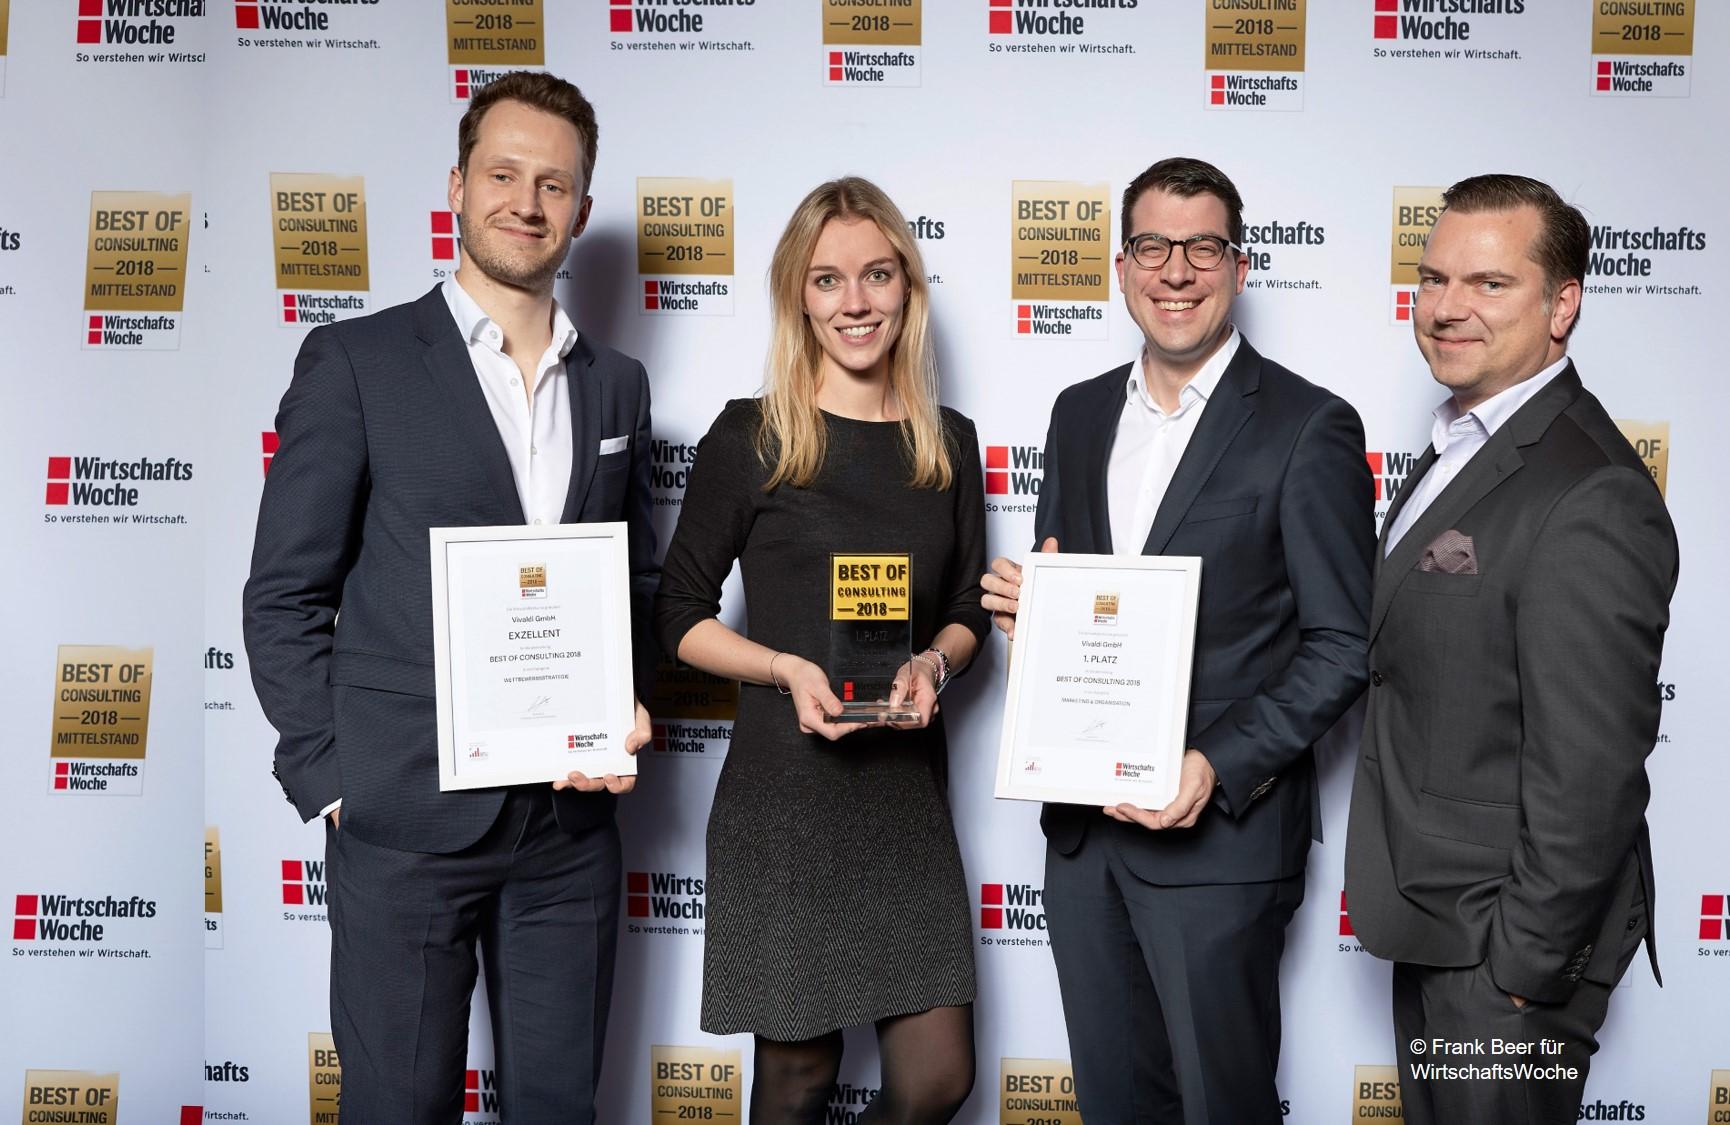 Best of Consulting 2018 – Zweifache Auszeichnung der WirtschaftsWoche für Vivaldi